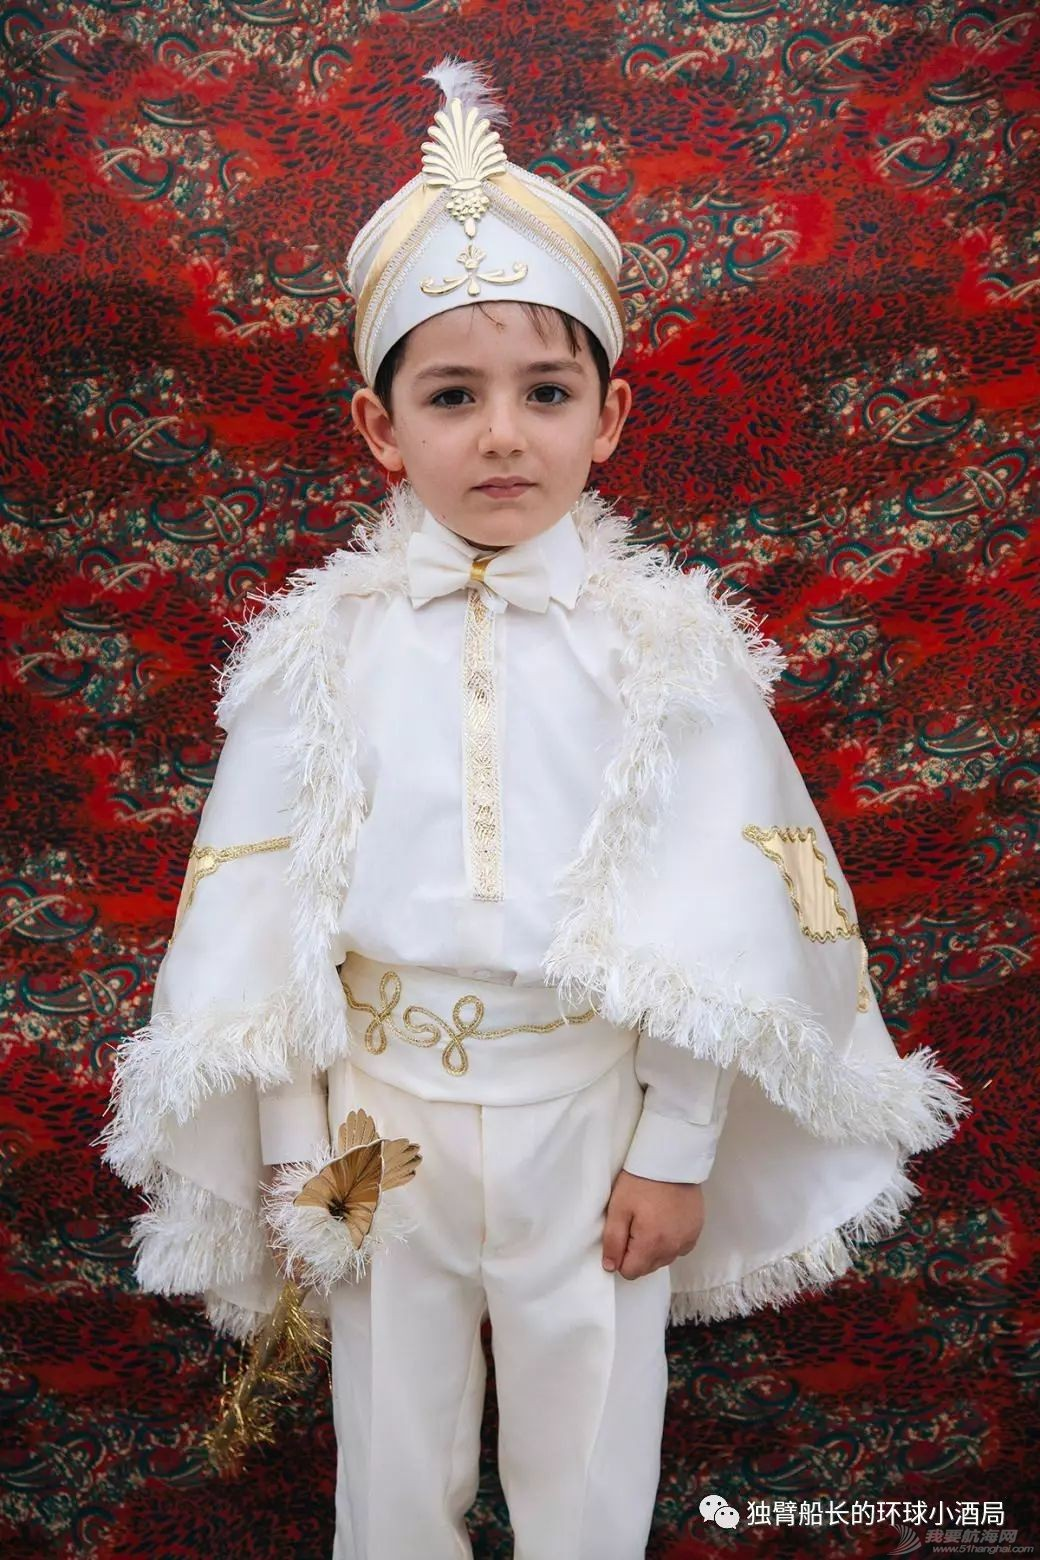 土耳其:挨了一刀的少年,被抬上王座,一群美女围着他跳了三天三夜w18.jpg